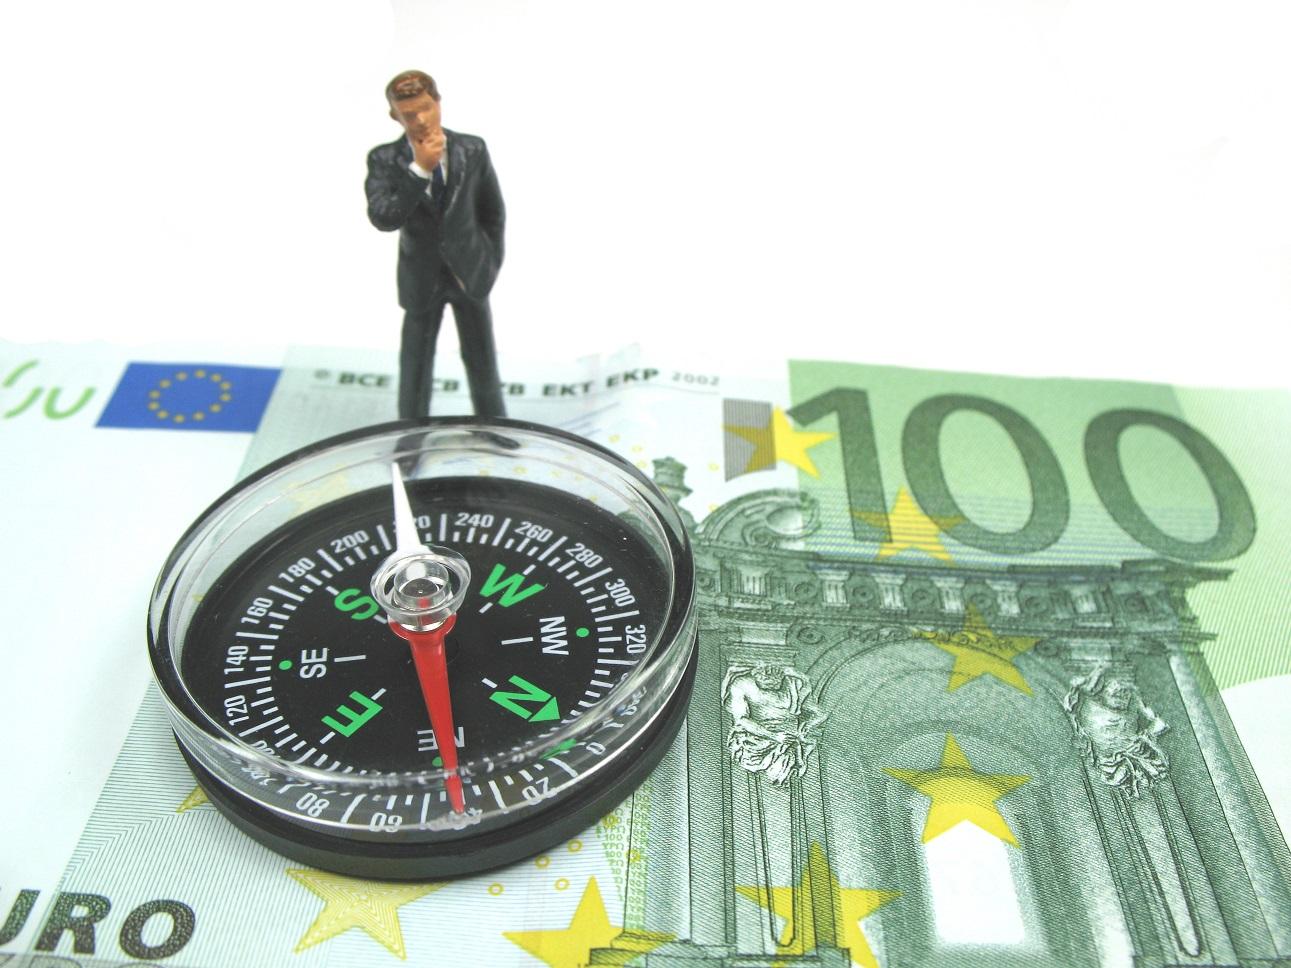 lainavaihtoehtoihin osoitteessa lainaa 24h lainapaikat tarkistavat henkilötietojesi